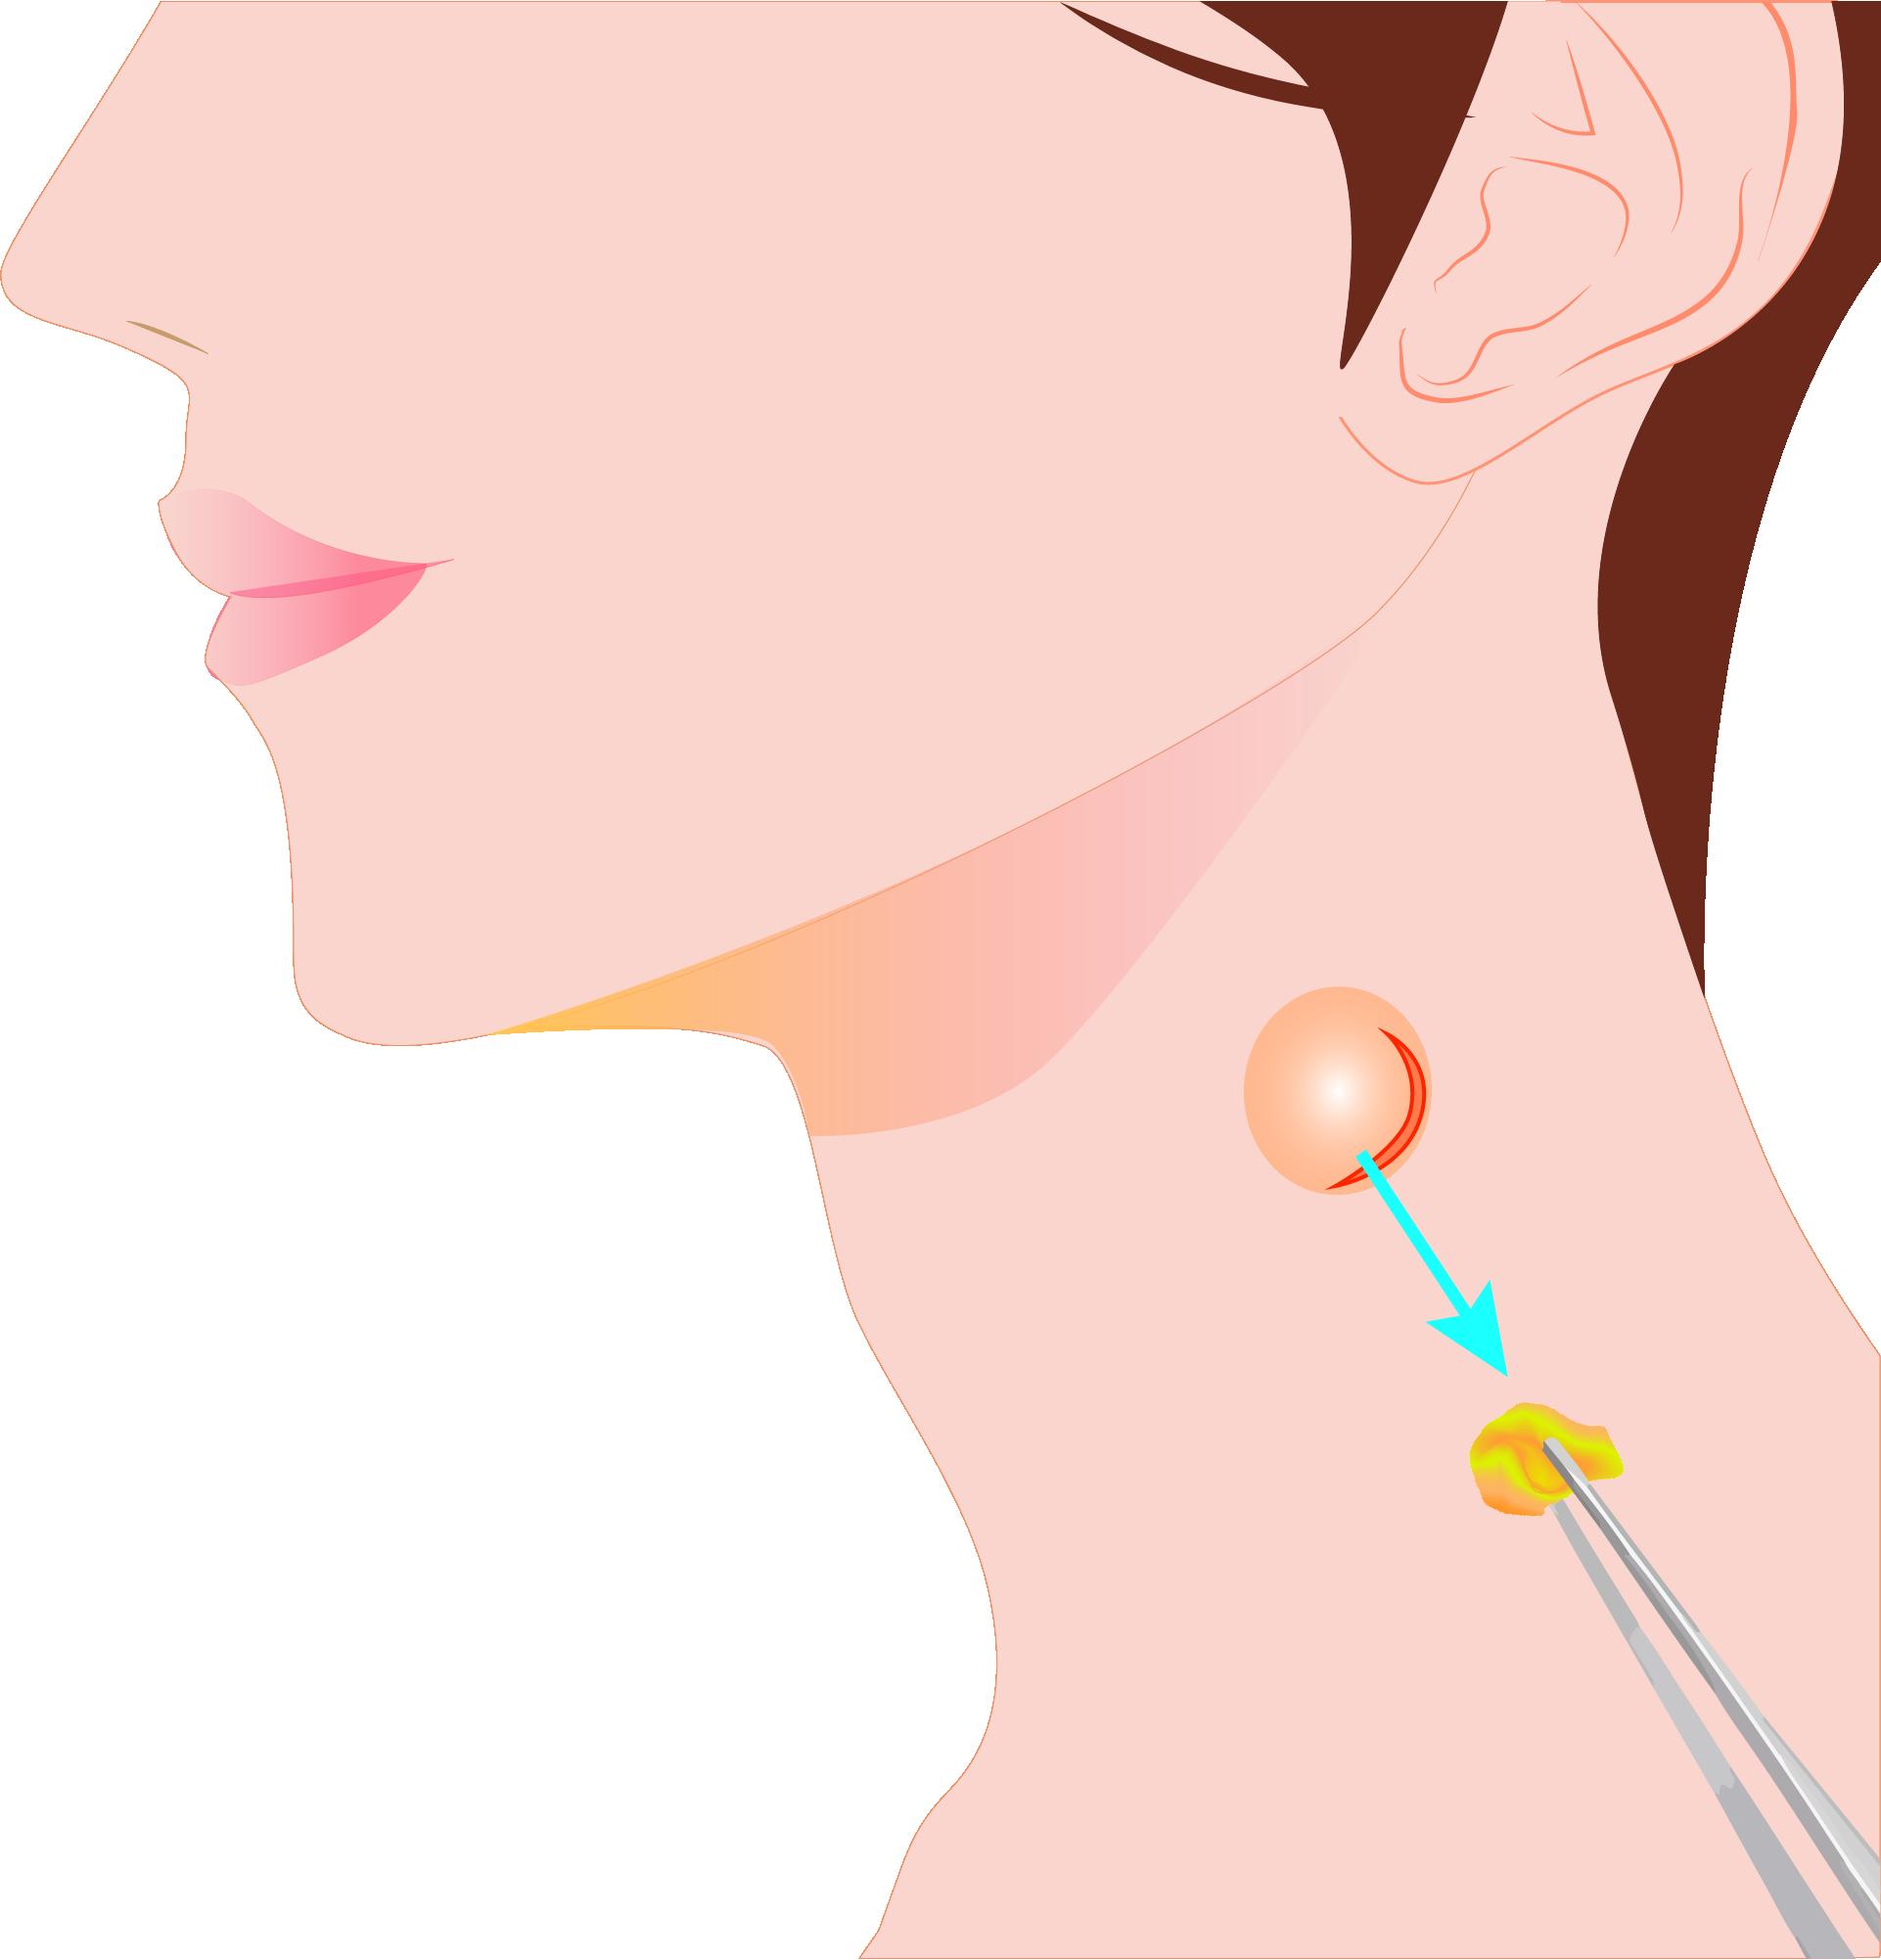 皮下腫瘍(粉瘤、石灰化上皮腫、脂肪腫など)